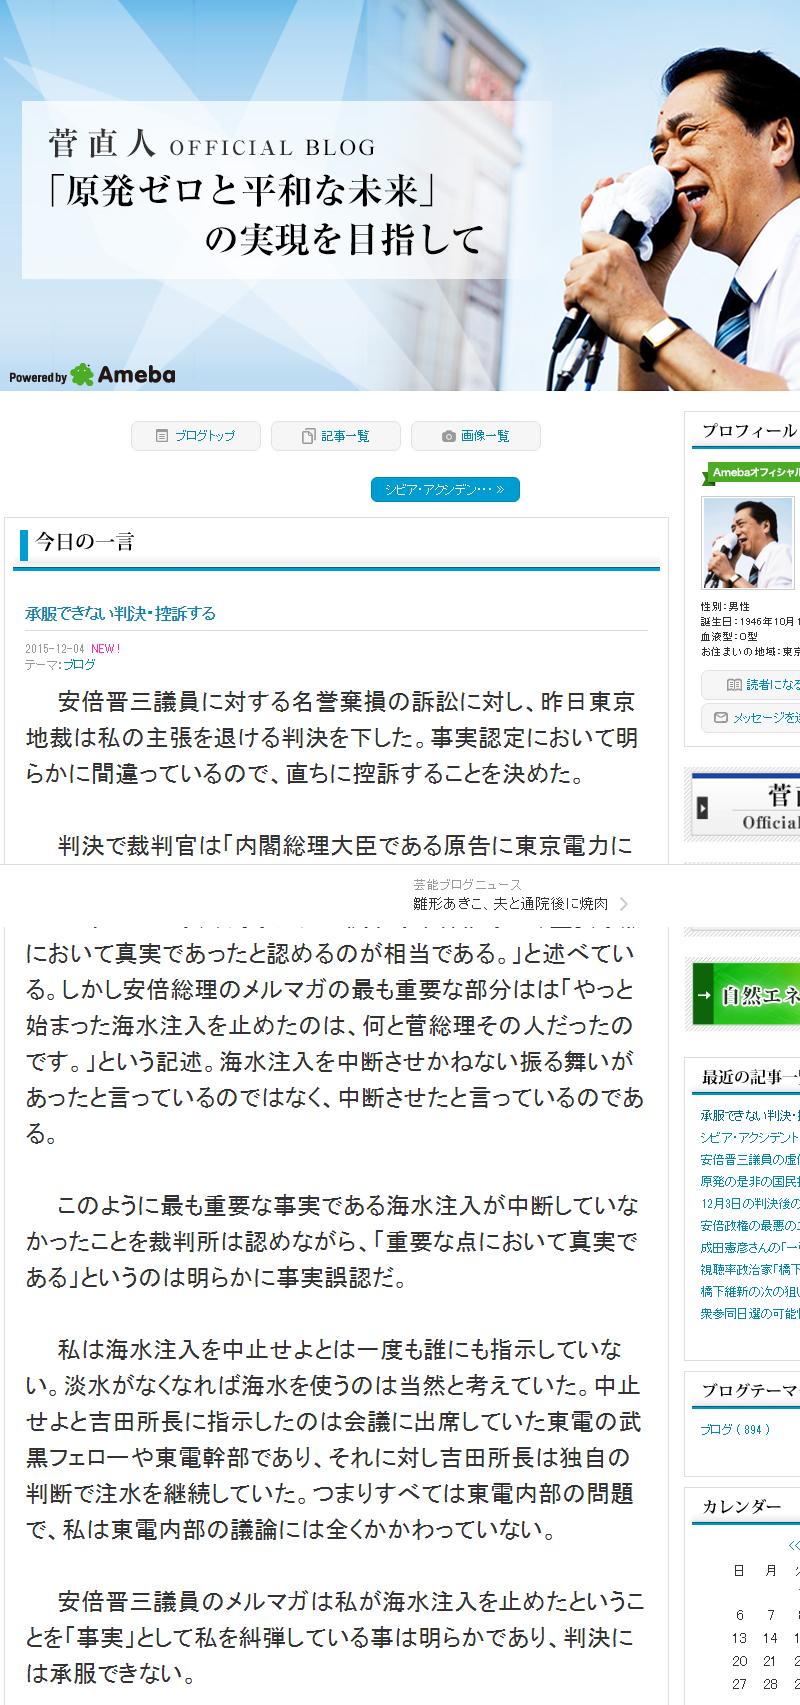 承服できない判決・控訴する|菅直人オフィシャルブログ